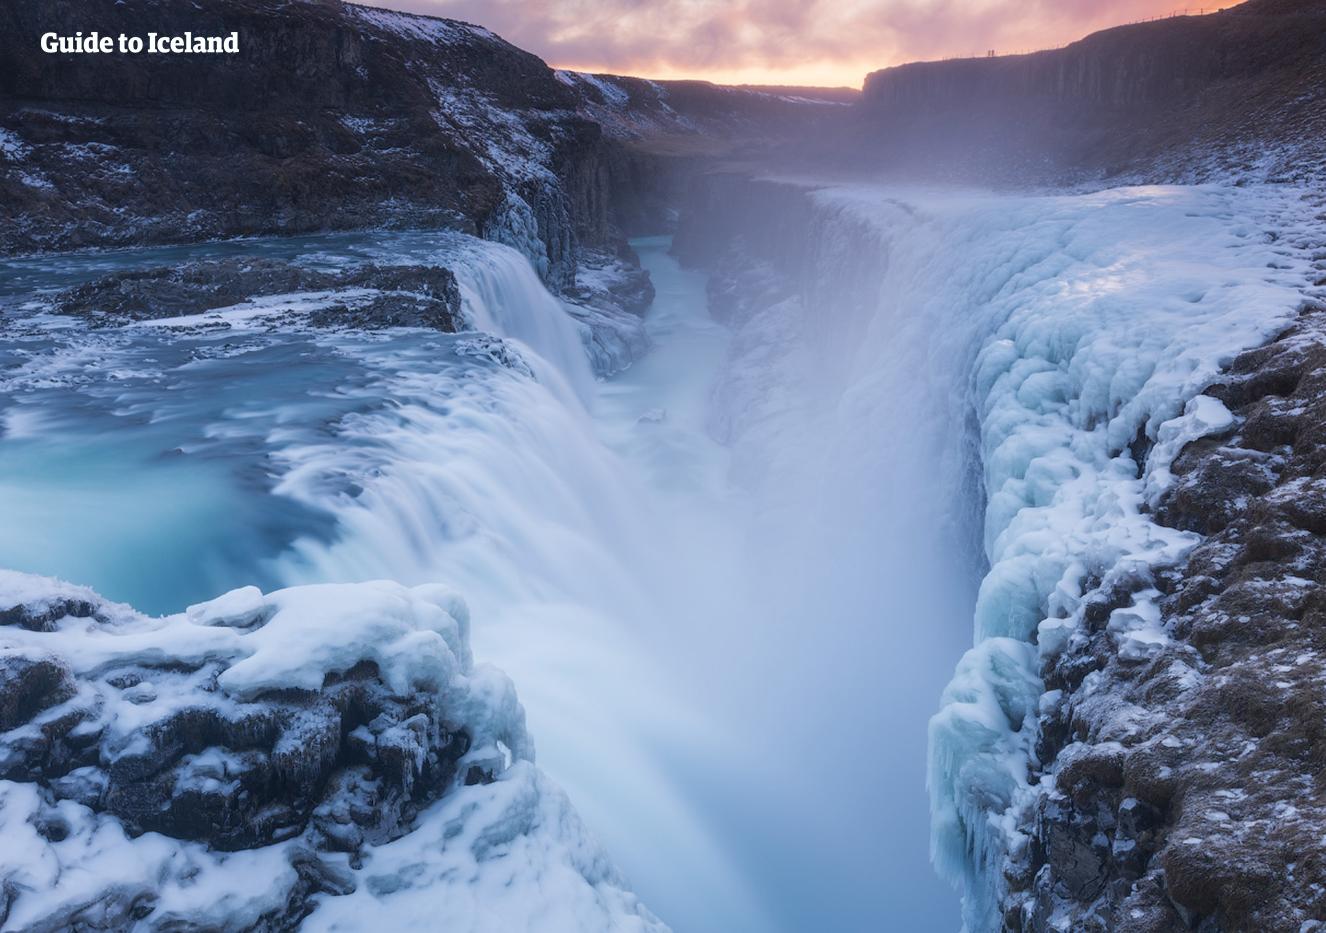 Att höra de dundrande ljuden från Gullfoss när vattnet forsar 32 meter rakt ner i en ravin är en oförglömlig upplevelse